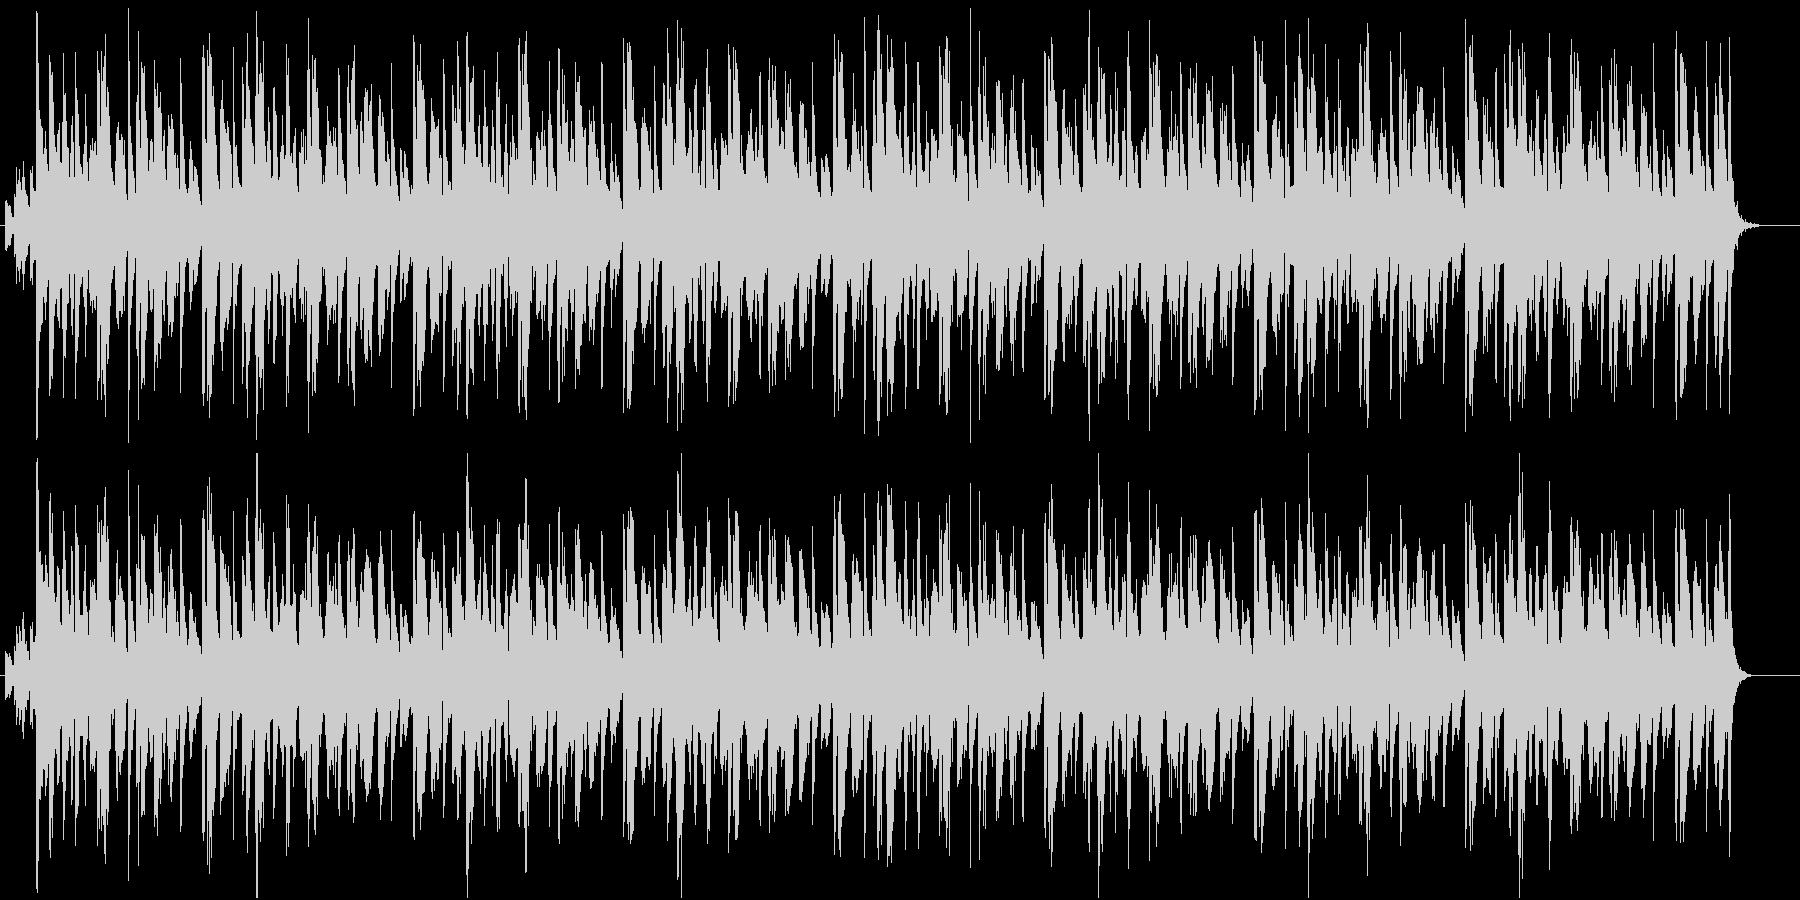 常夏の海辺に最適、カリビアンなレゲエ調曲の未再生の波形